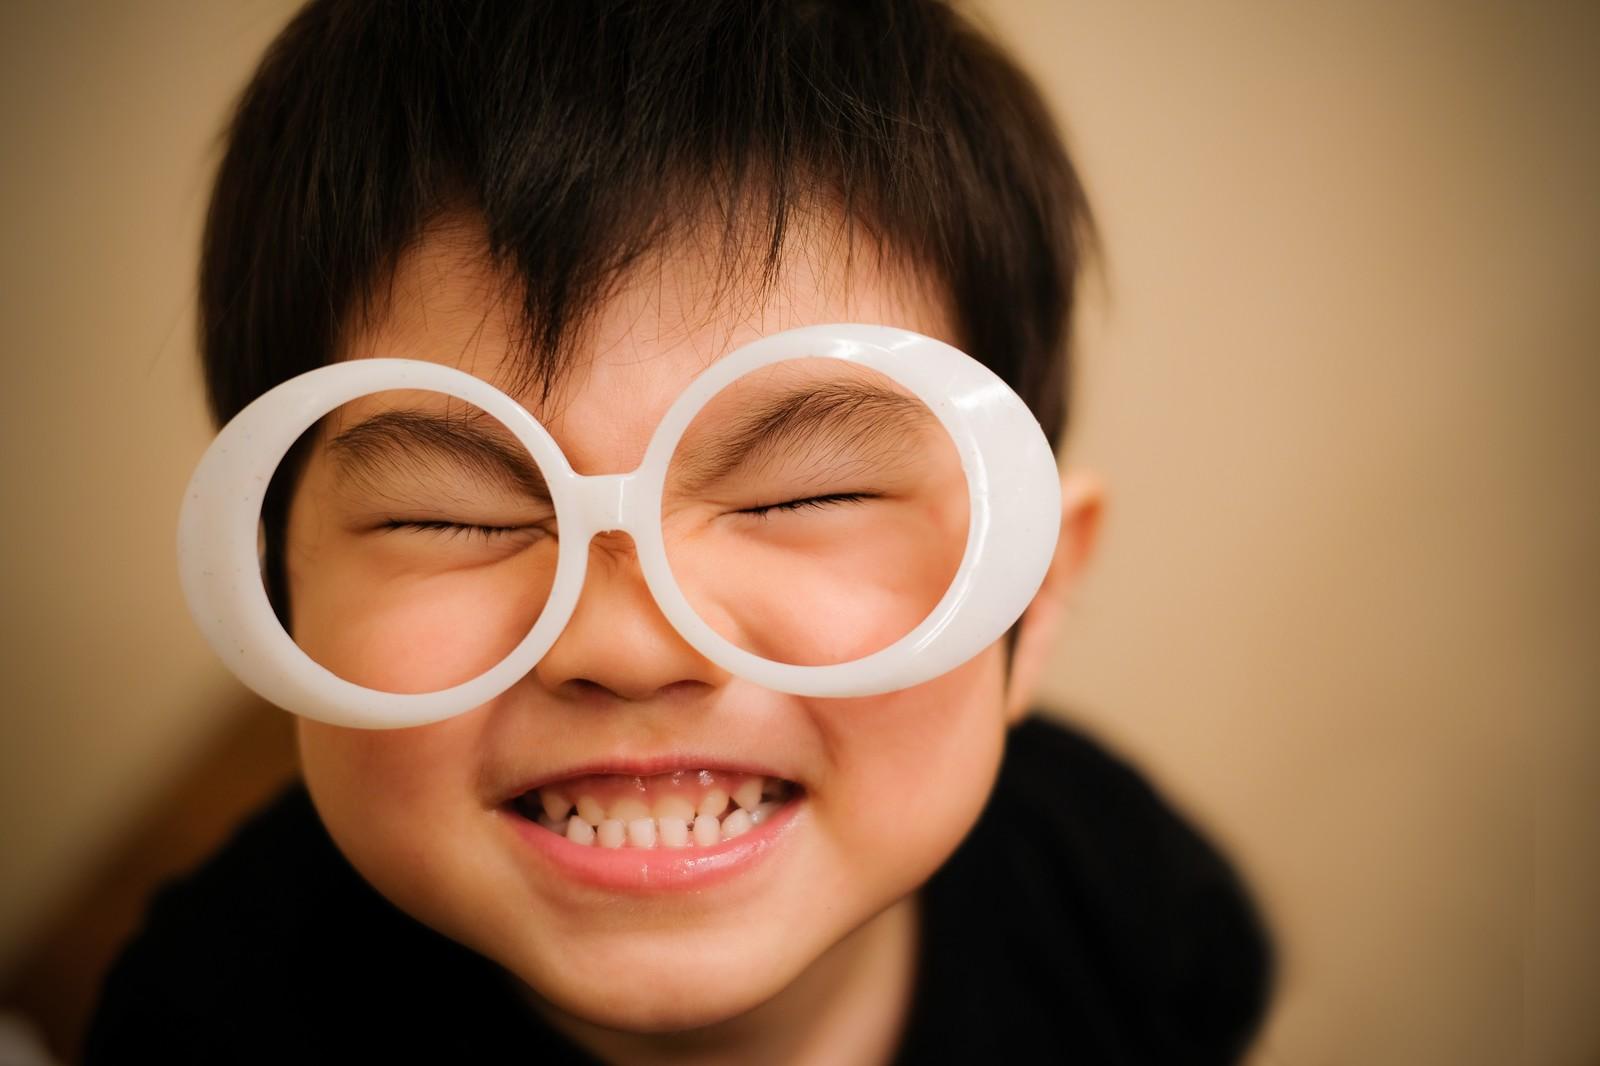 【大人数レクリエーション】子供が楽しめる人気の鉄板レク10選!